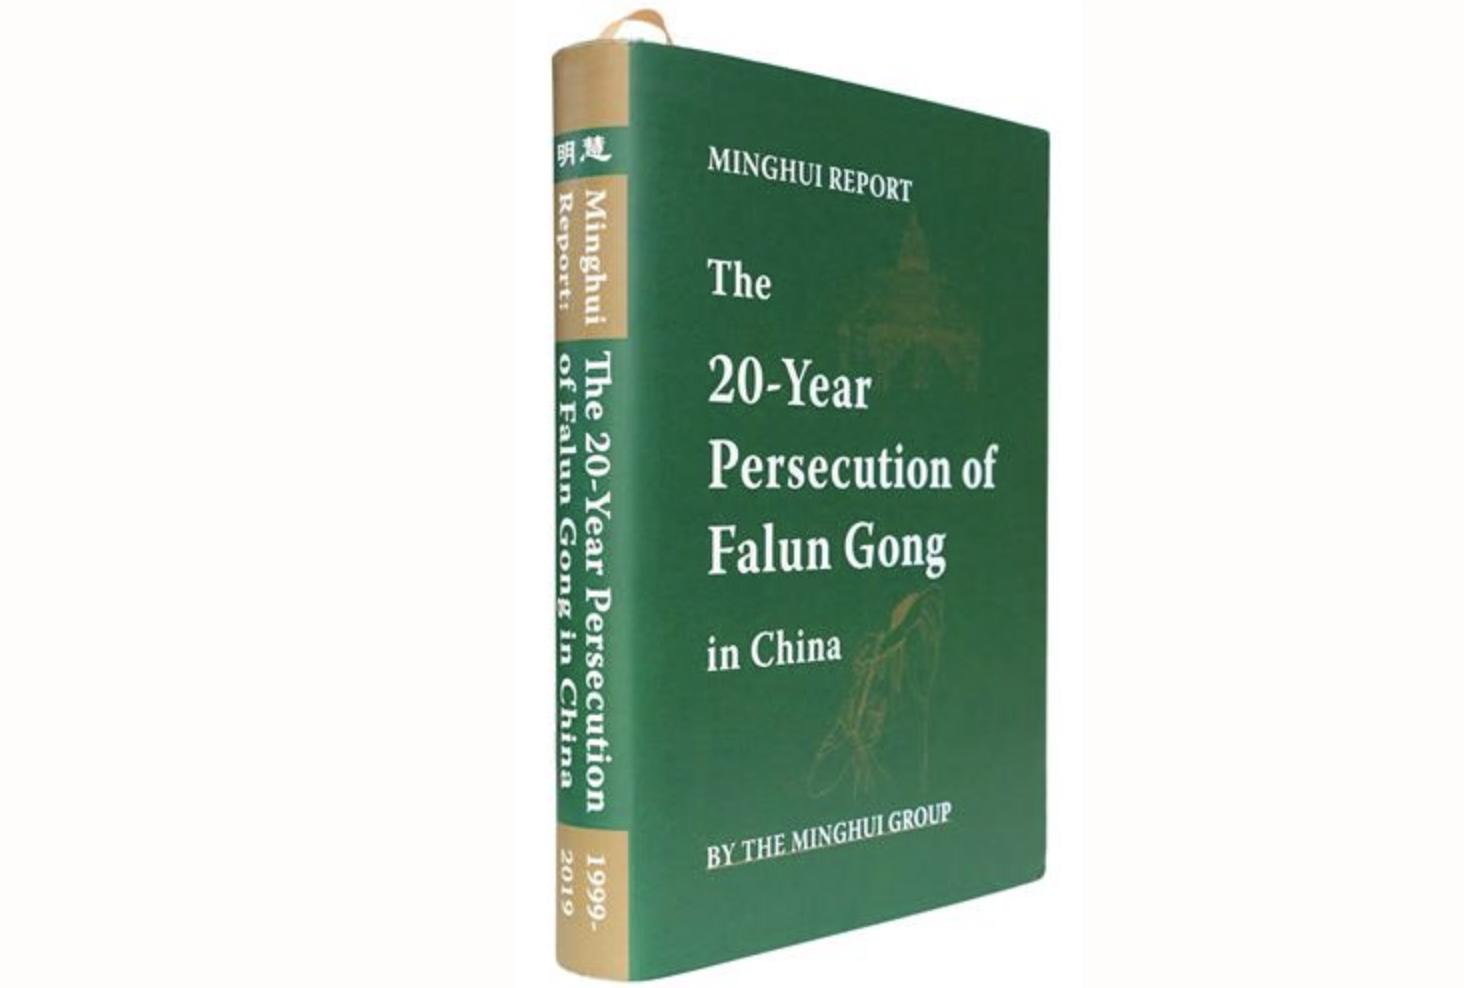 明慧出版中心發表的明慧人權報告英文版。此報告全面概括了法輪功學員為了堅持信仰而承受的來自中共的迫害,來自於中文明慧網二十年來收集的數據和一手信息。(明慧網截圖)